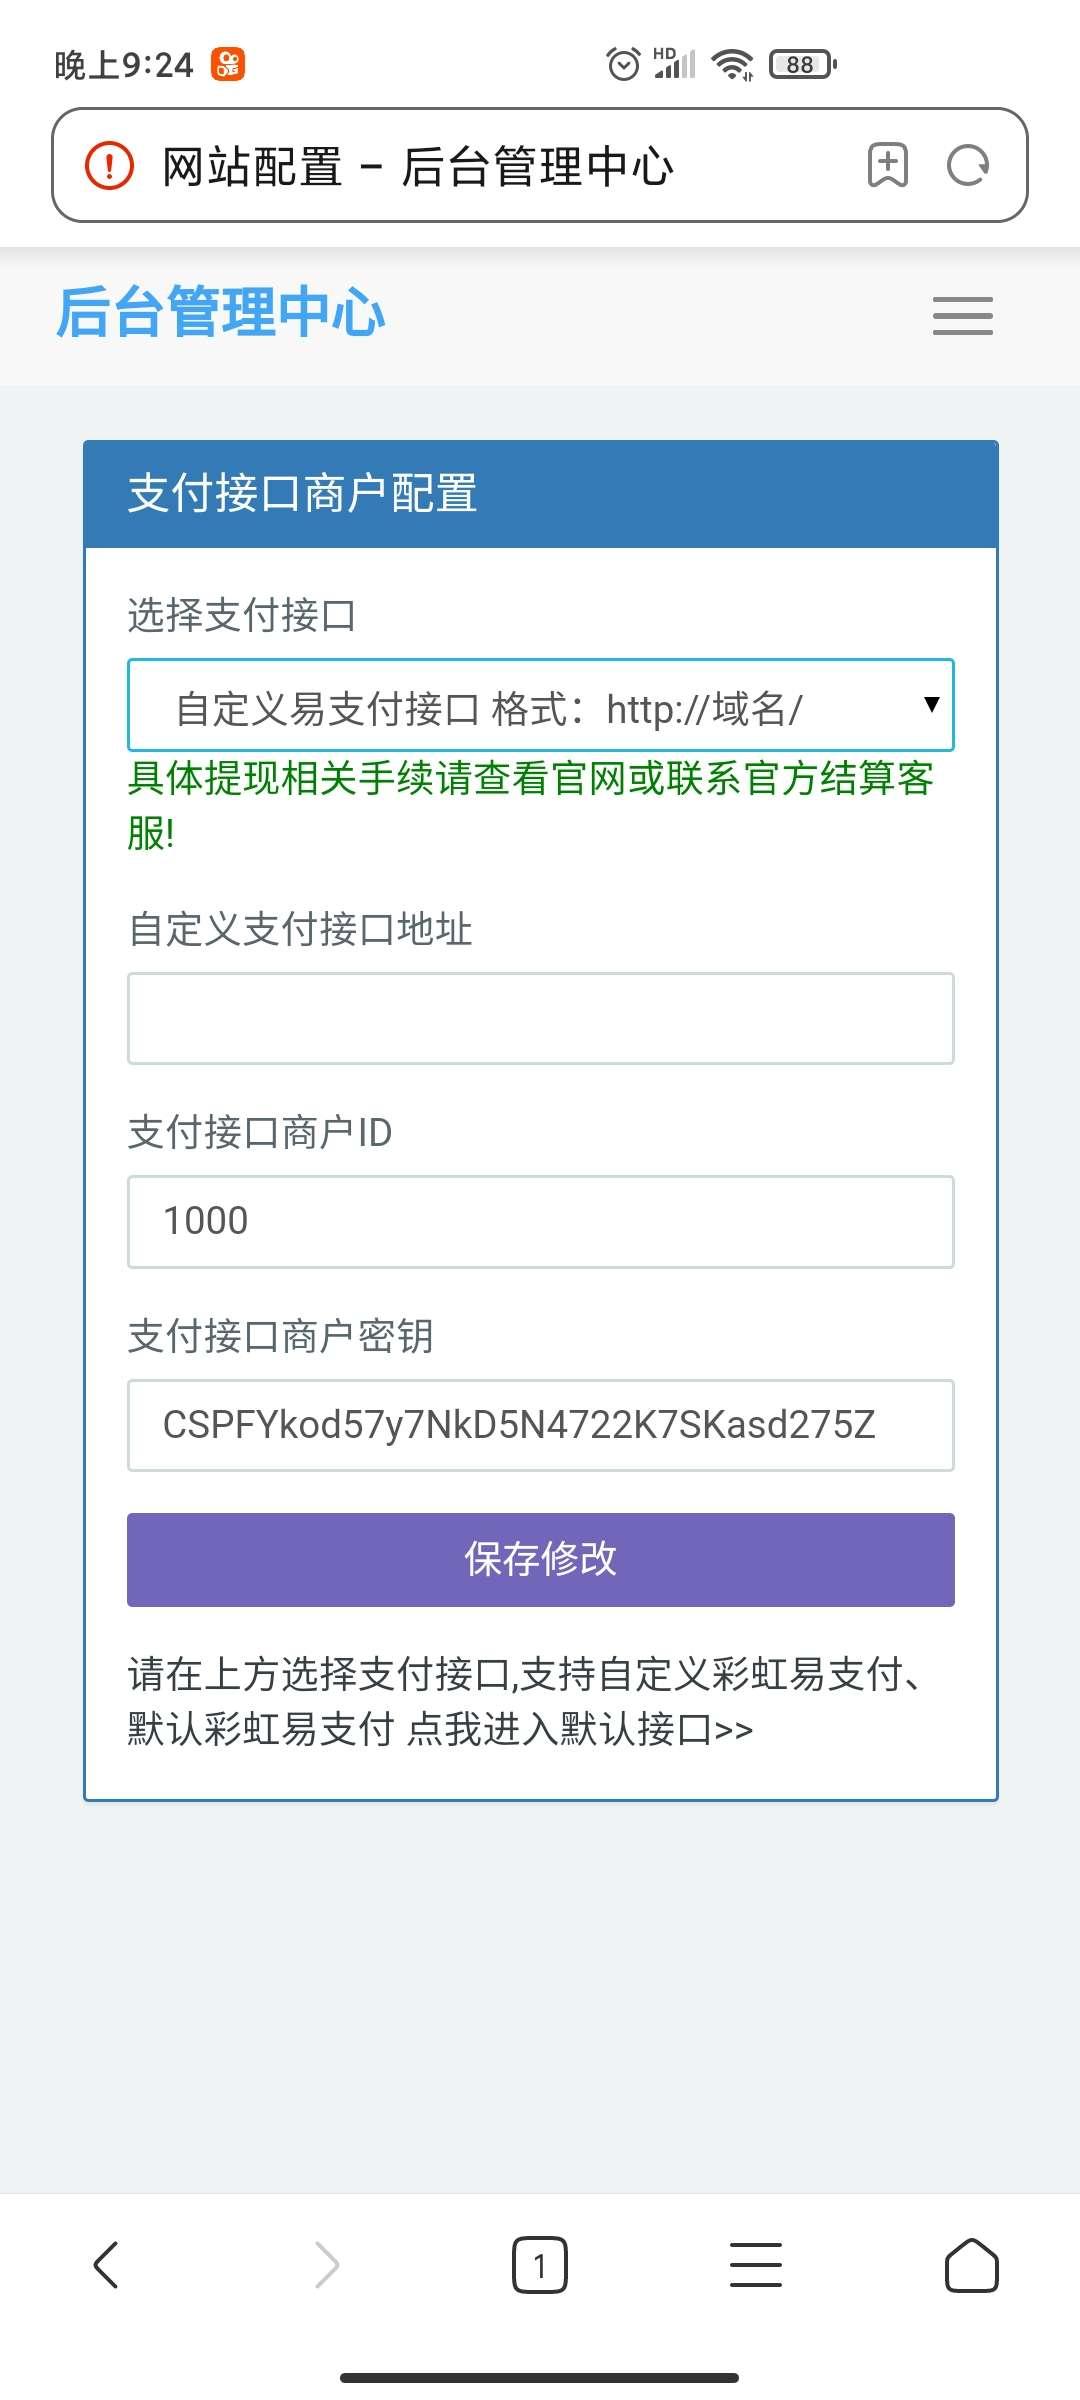 发卡网源码新版(带4套模板)个人发卡网系统  第4张